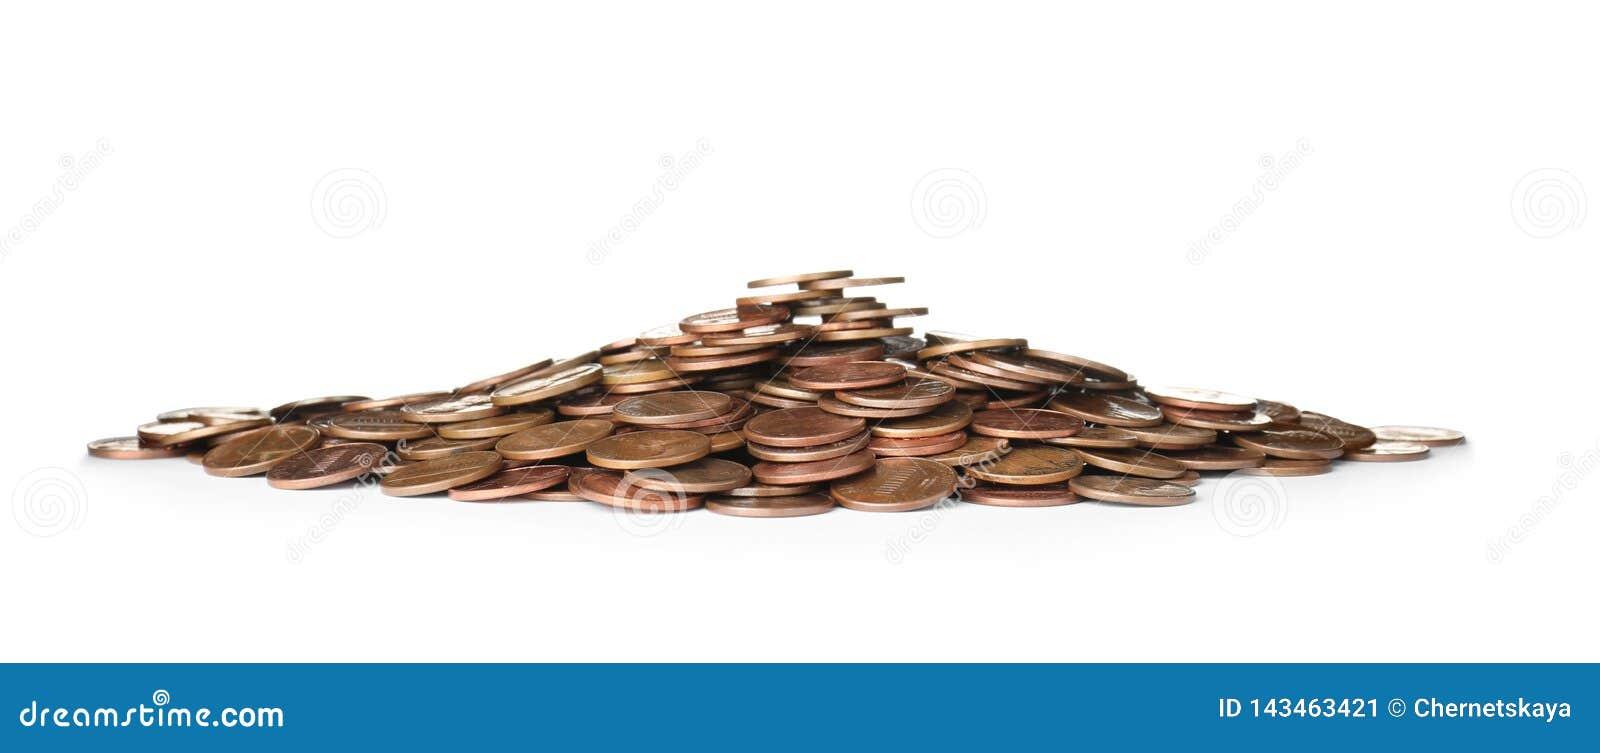 Pila de monedas de los E.E.U.U. aisladas